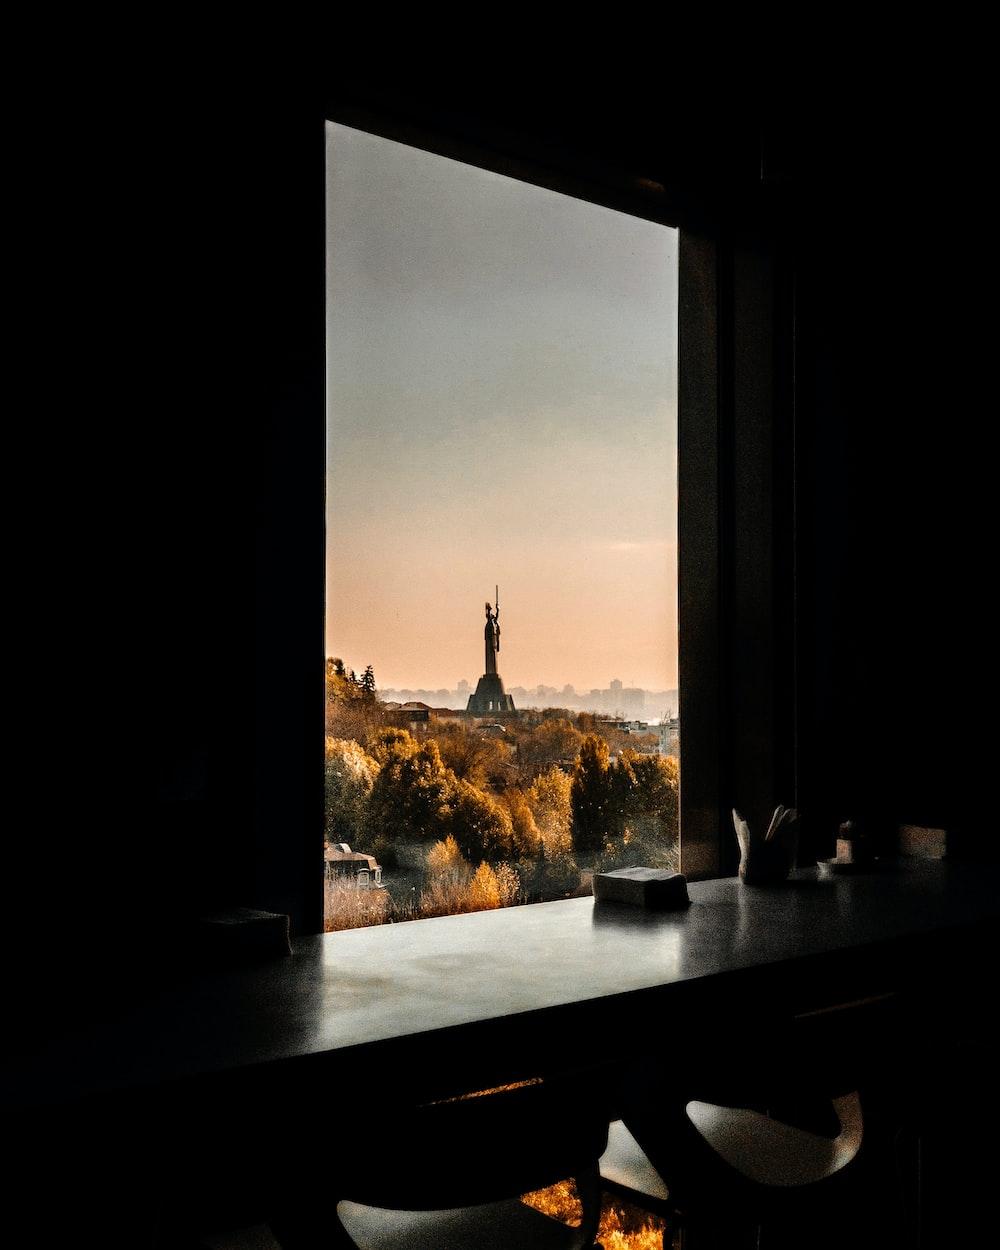 black wooden table near window panel